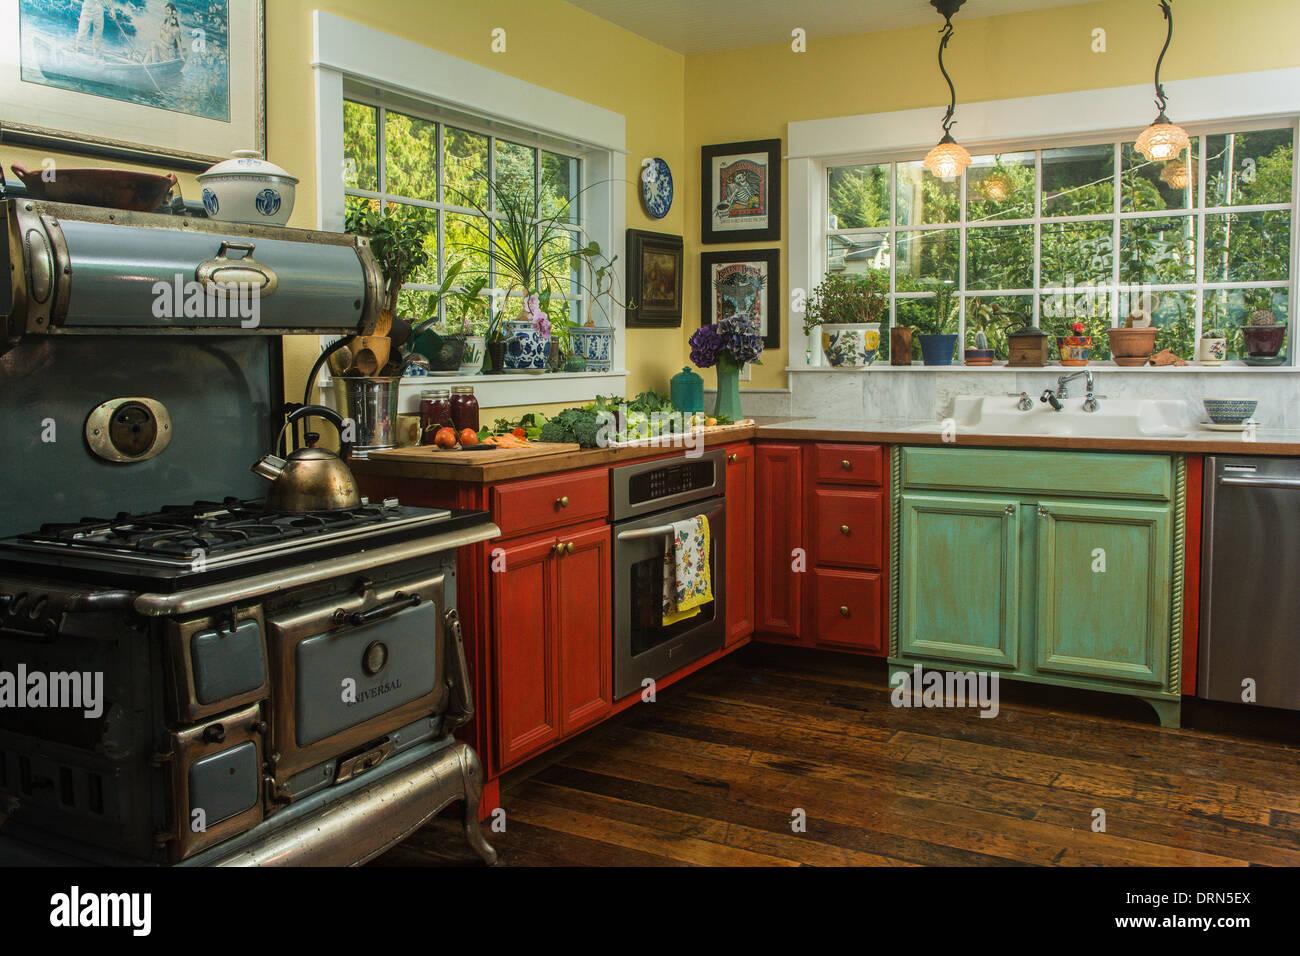 Foto di una cucina, Astoria, Oregon, Stati Uniti d'America Immagini Stock